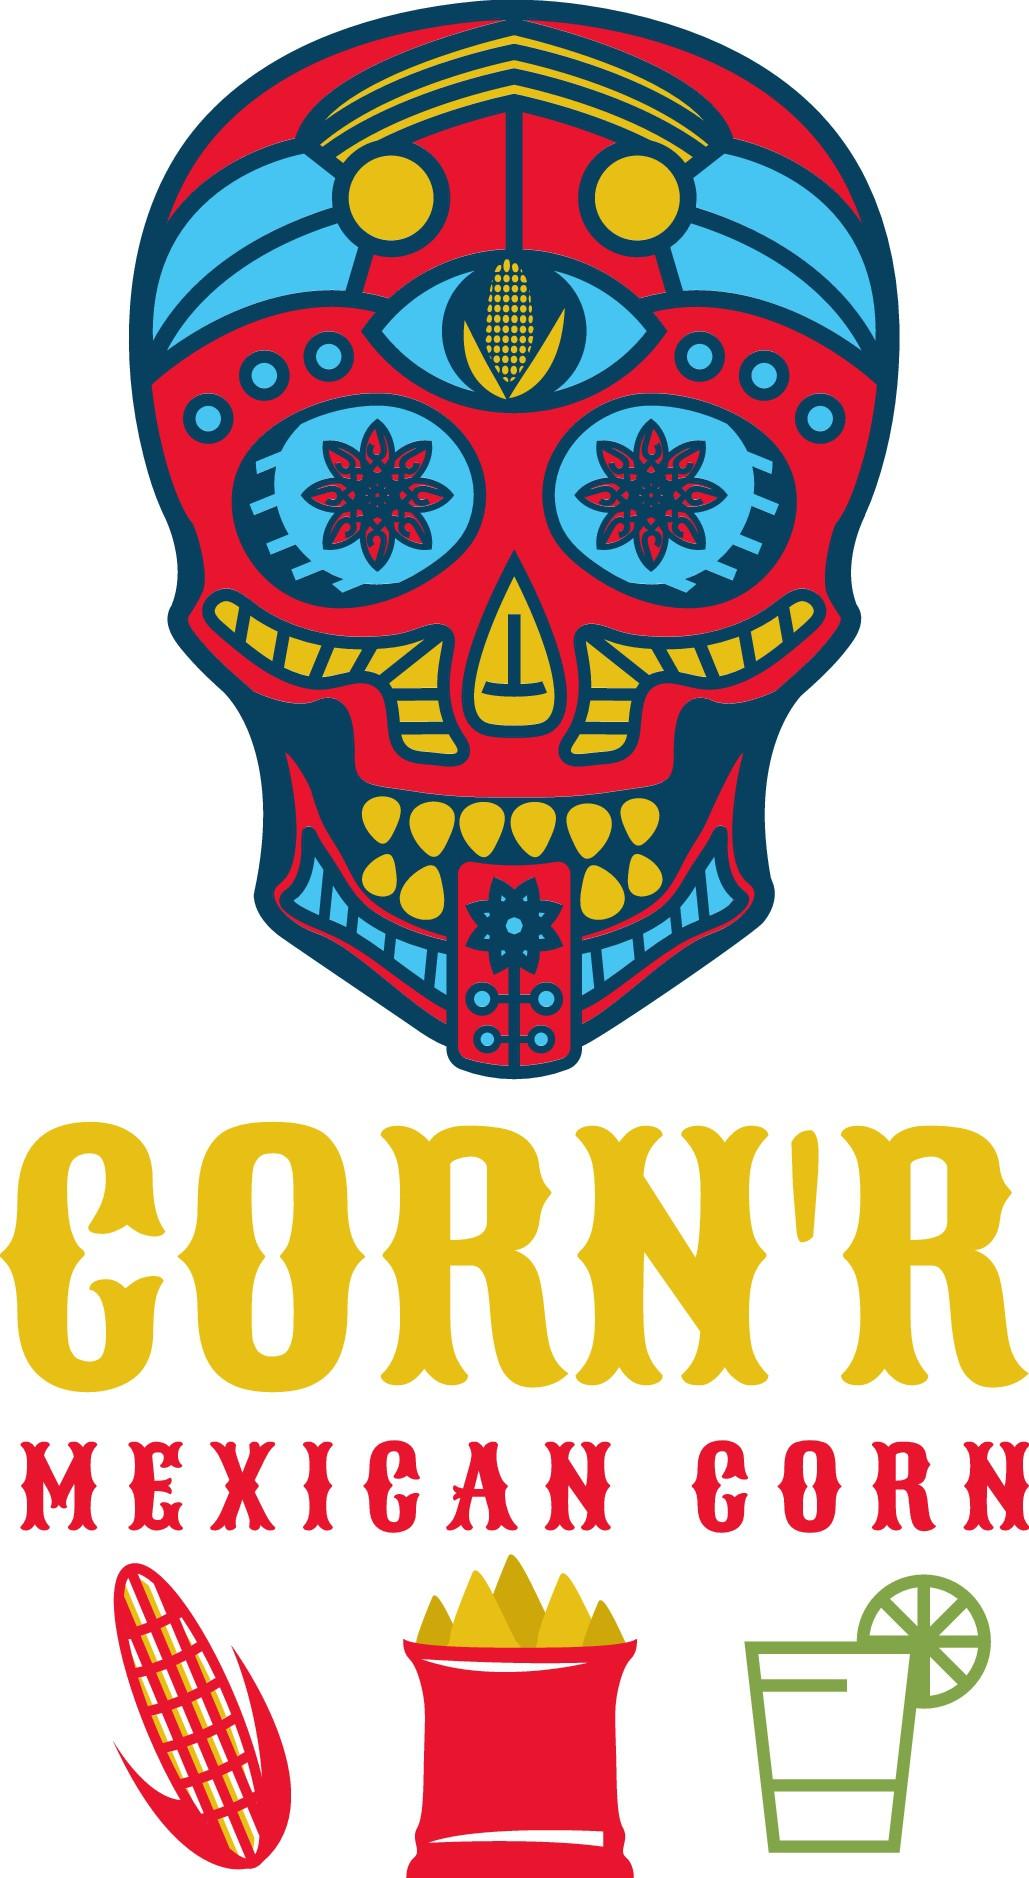 maxican food stand: Corn on Cob, Mojitos & Churos Clean designs plz